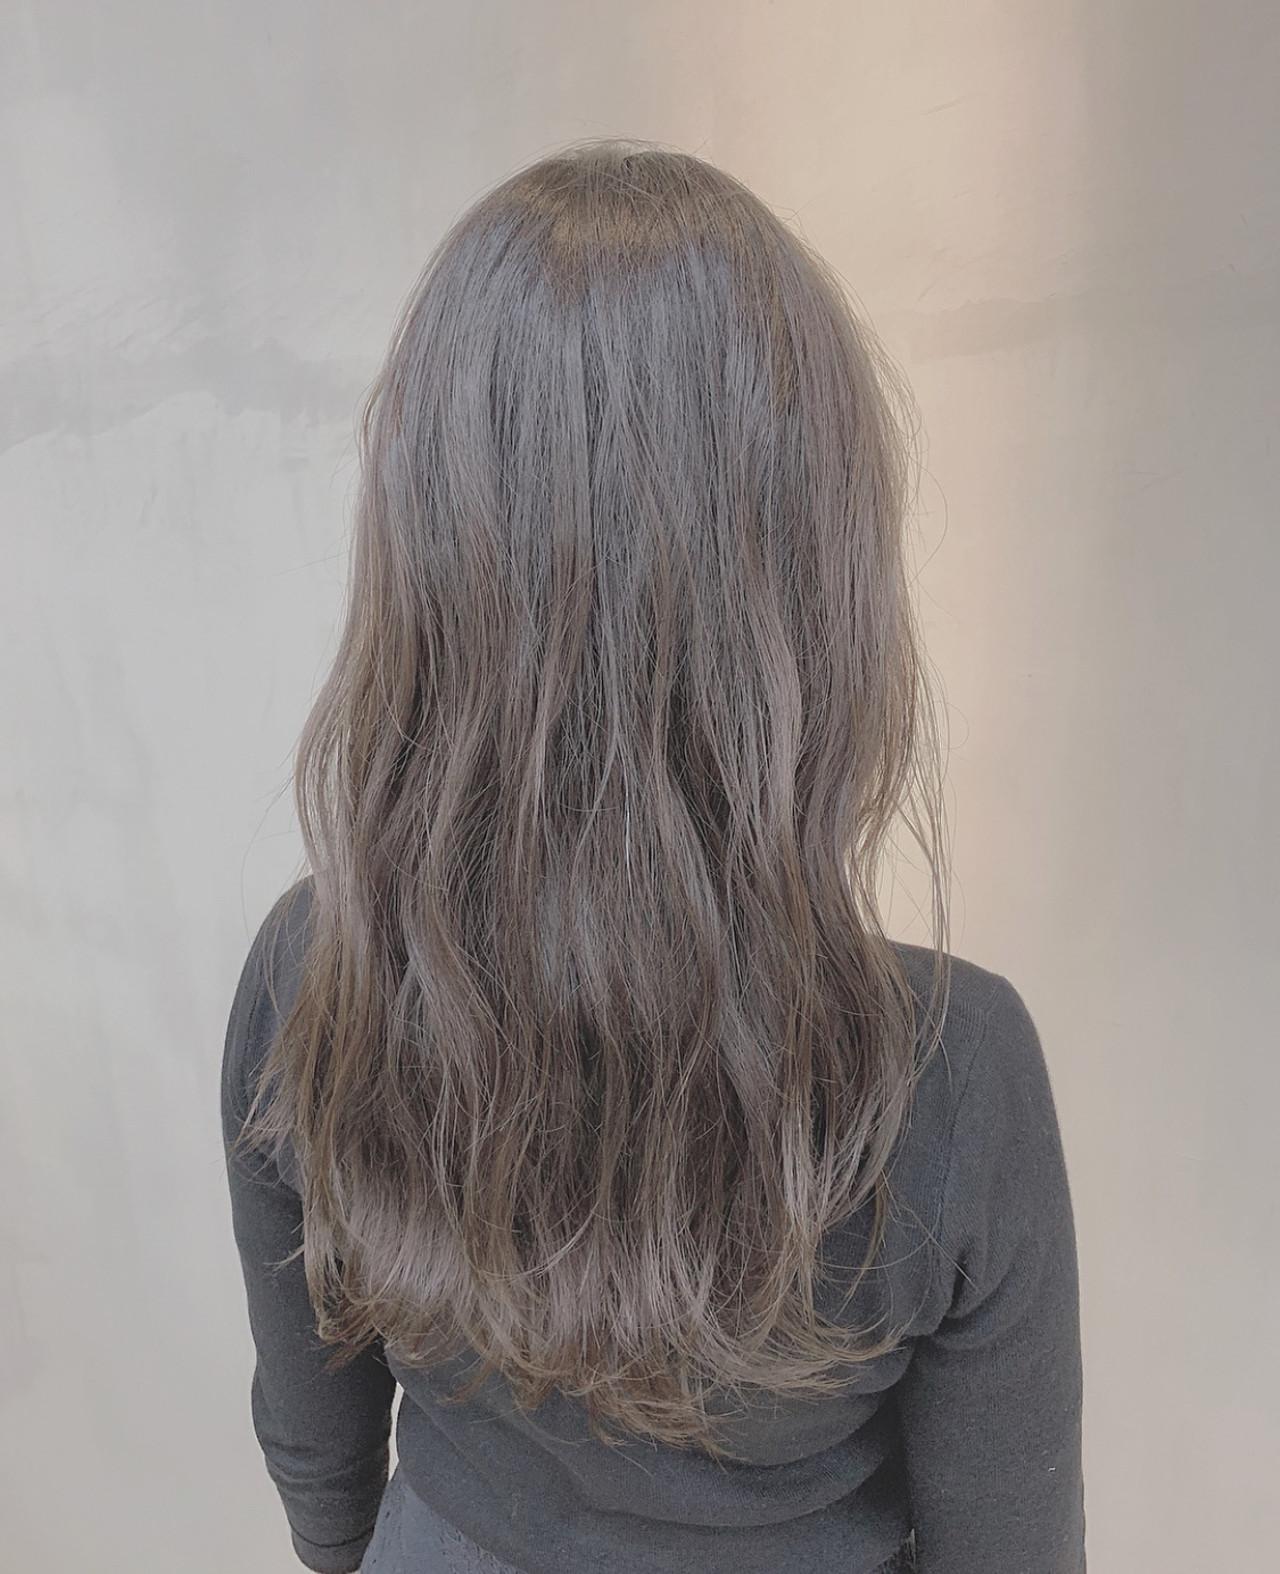 透明感カラー グレージュ ナチュラル セミロング ヘアスタイルや髪型の写真・画像